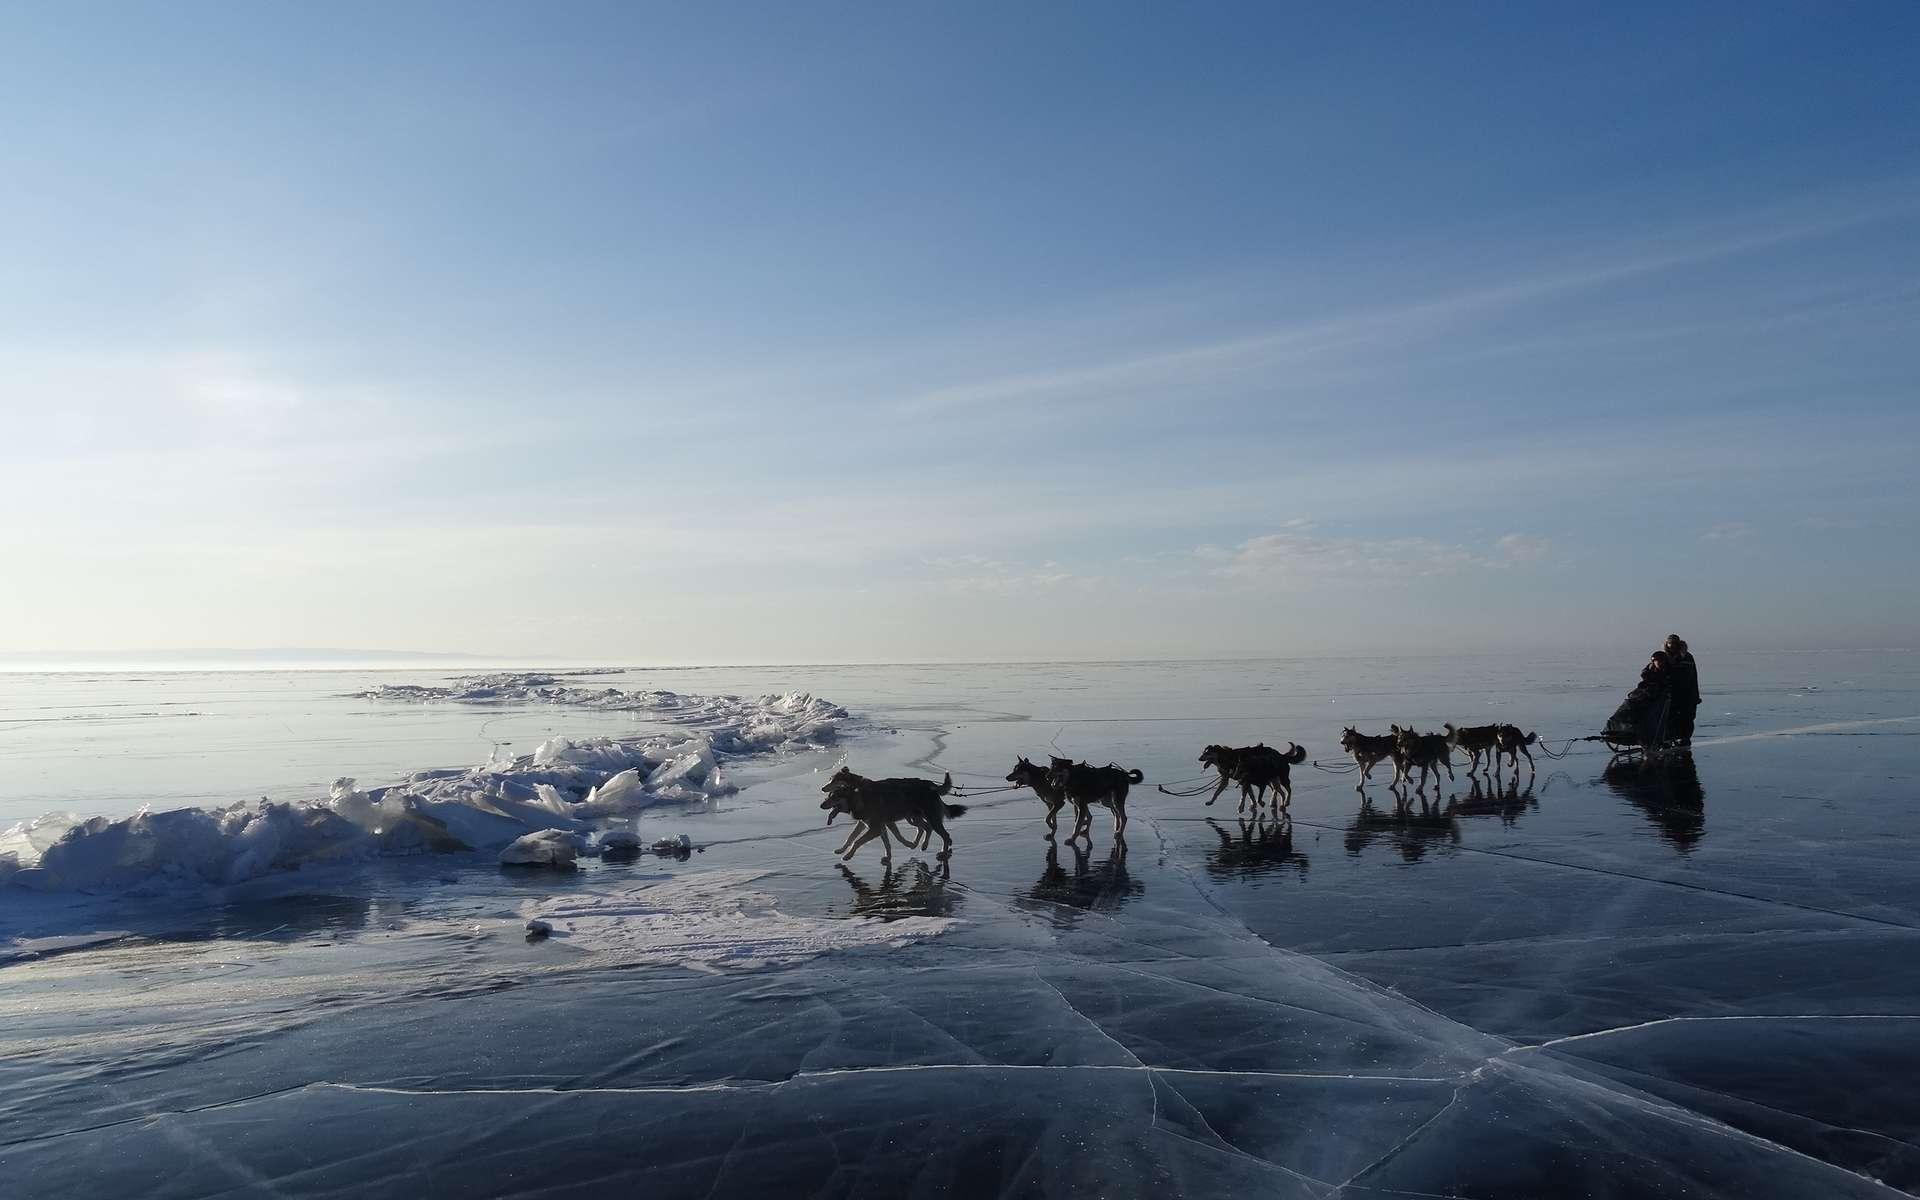 L'Odyssée sauvage durant la dernière journée : le traîneau glisse sur la glace cristalline du lac Baïkal. Les chiens doivent trouver leur équilibre... © Taïga